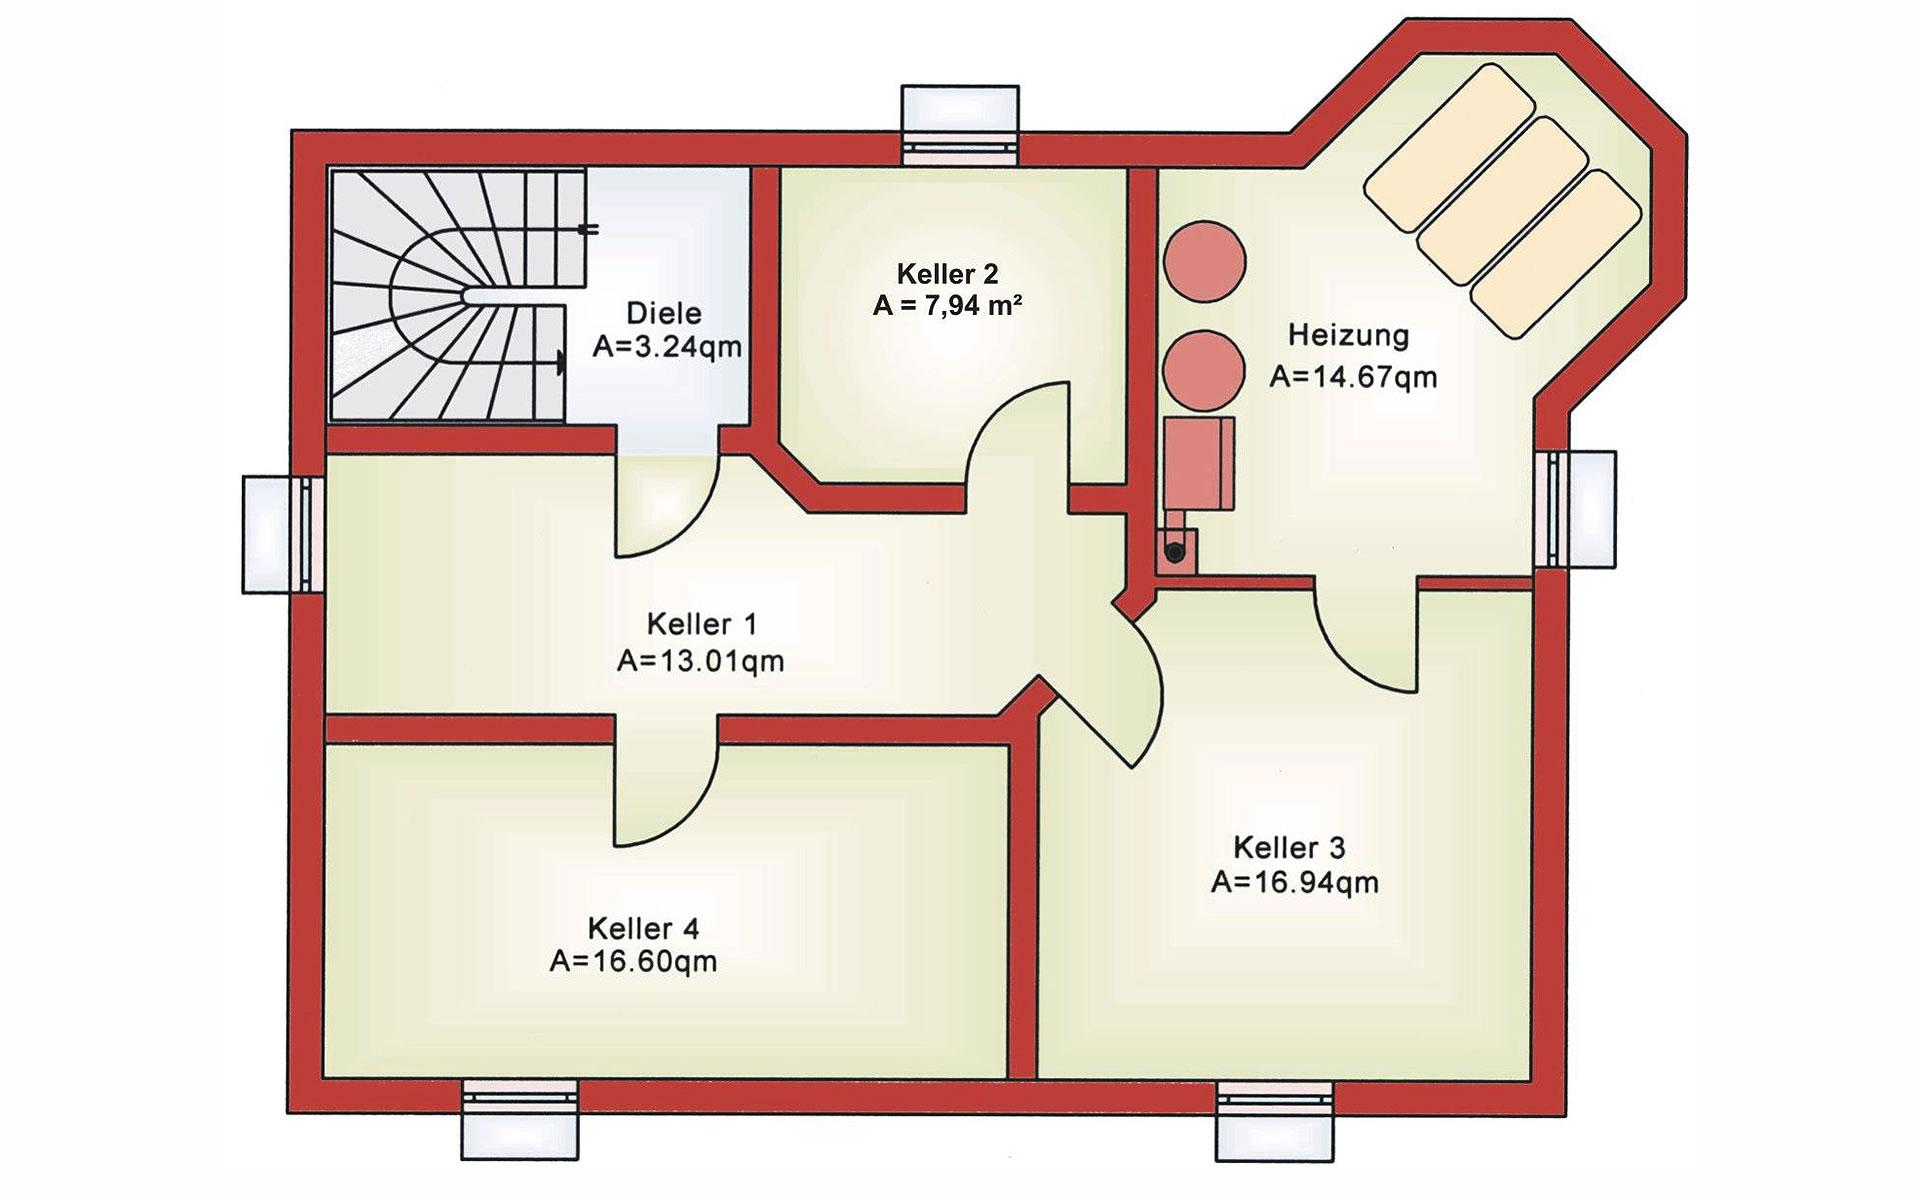 Keller Einfamilienhaus BS 134 von B&S Selbstbausysteme GmbH & Co. KG